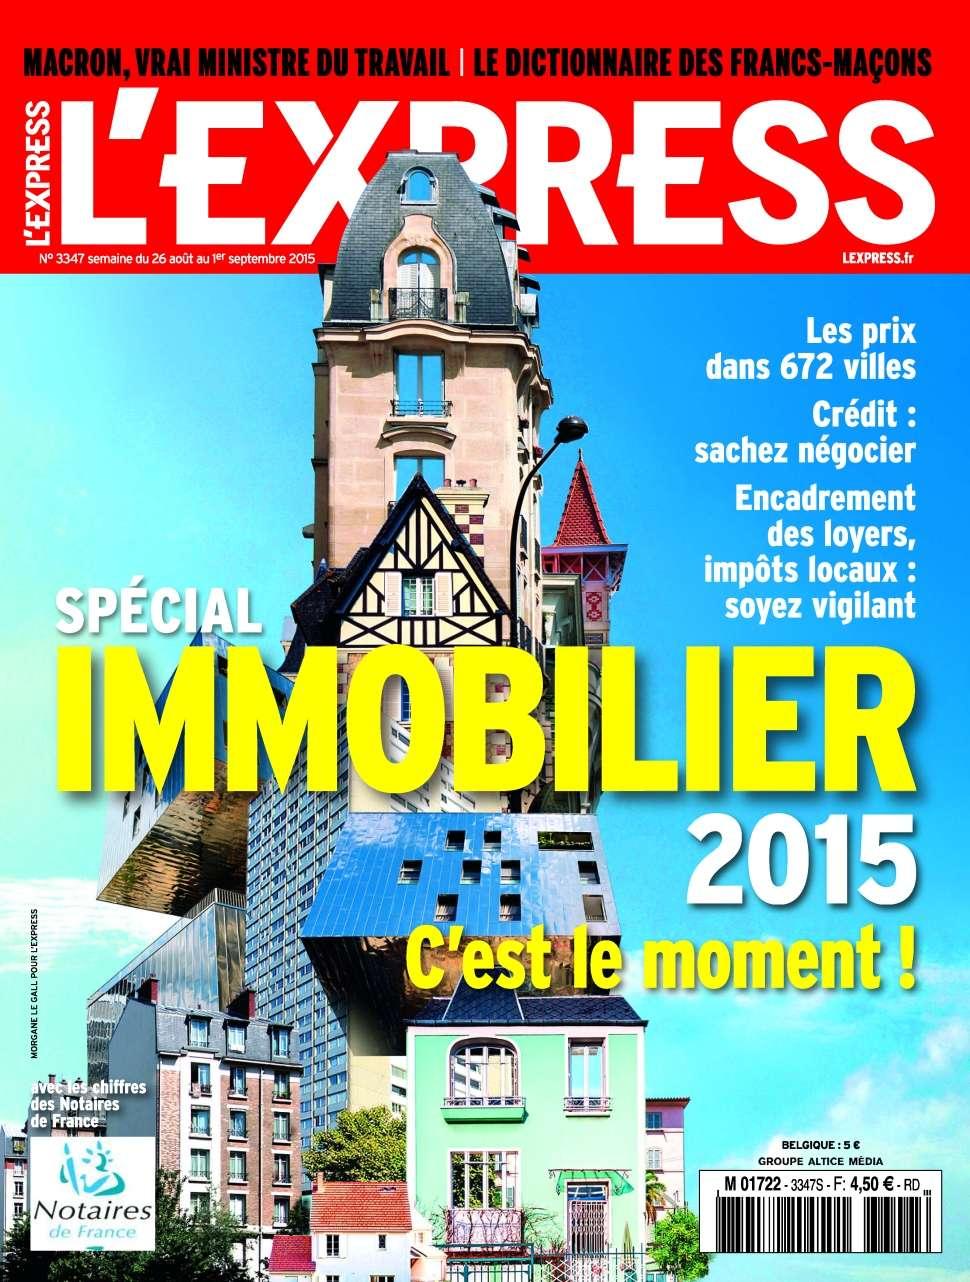 L'Express .3347 - 26 Août au 1er Septembre 2015